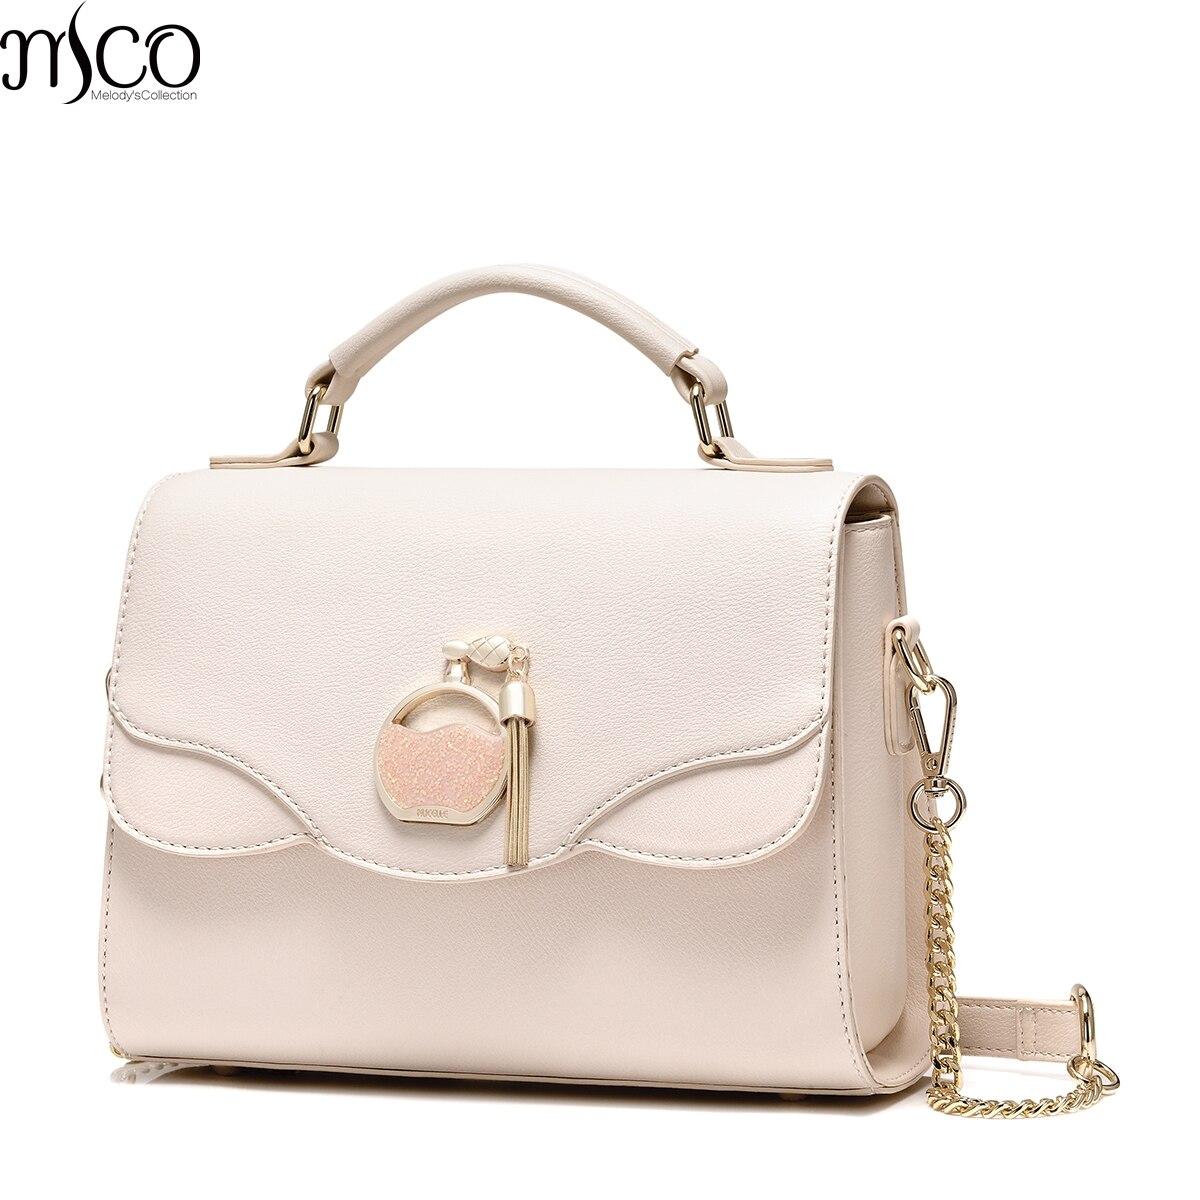 2017 Elegant Sequined Perfume Bottle Women Flap Handbag Brand Design Luxury Tassels Shoulder Bags Ladies Crossbody